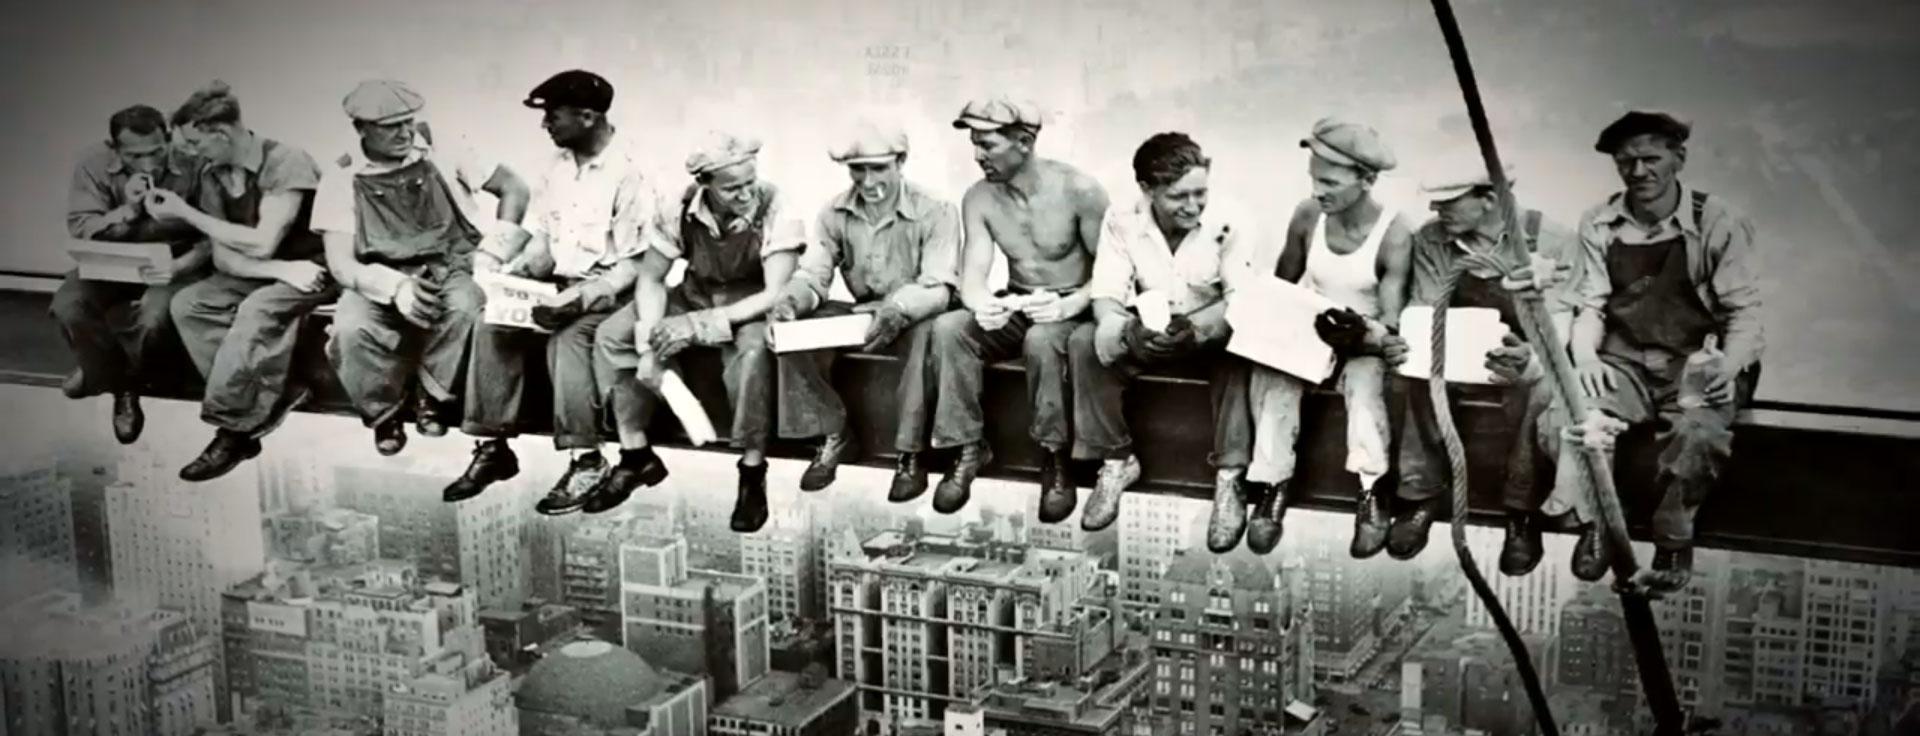 New York New York imagen poster